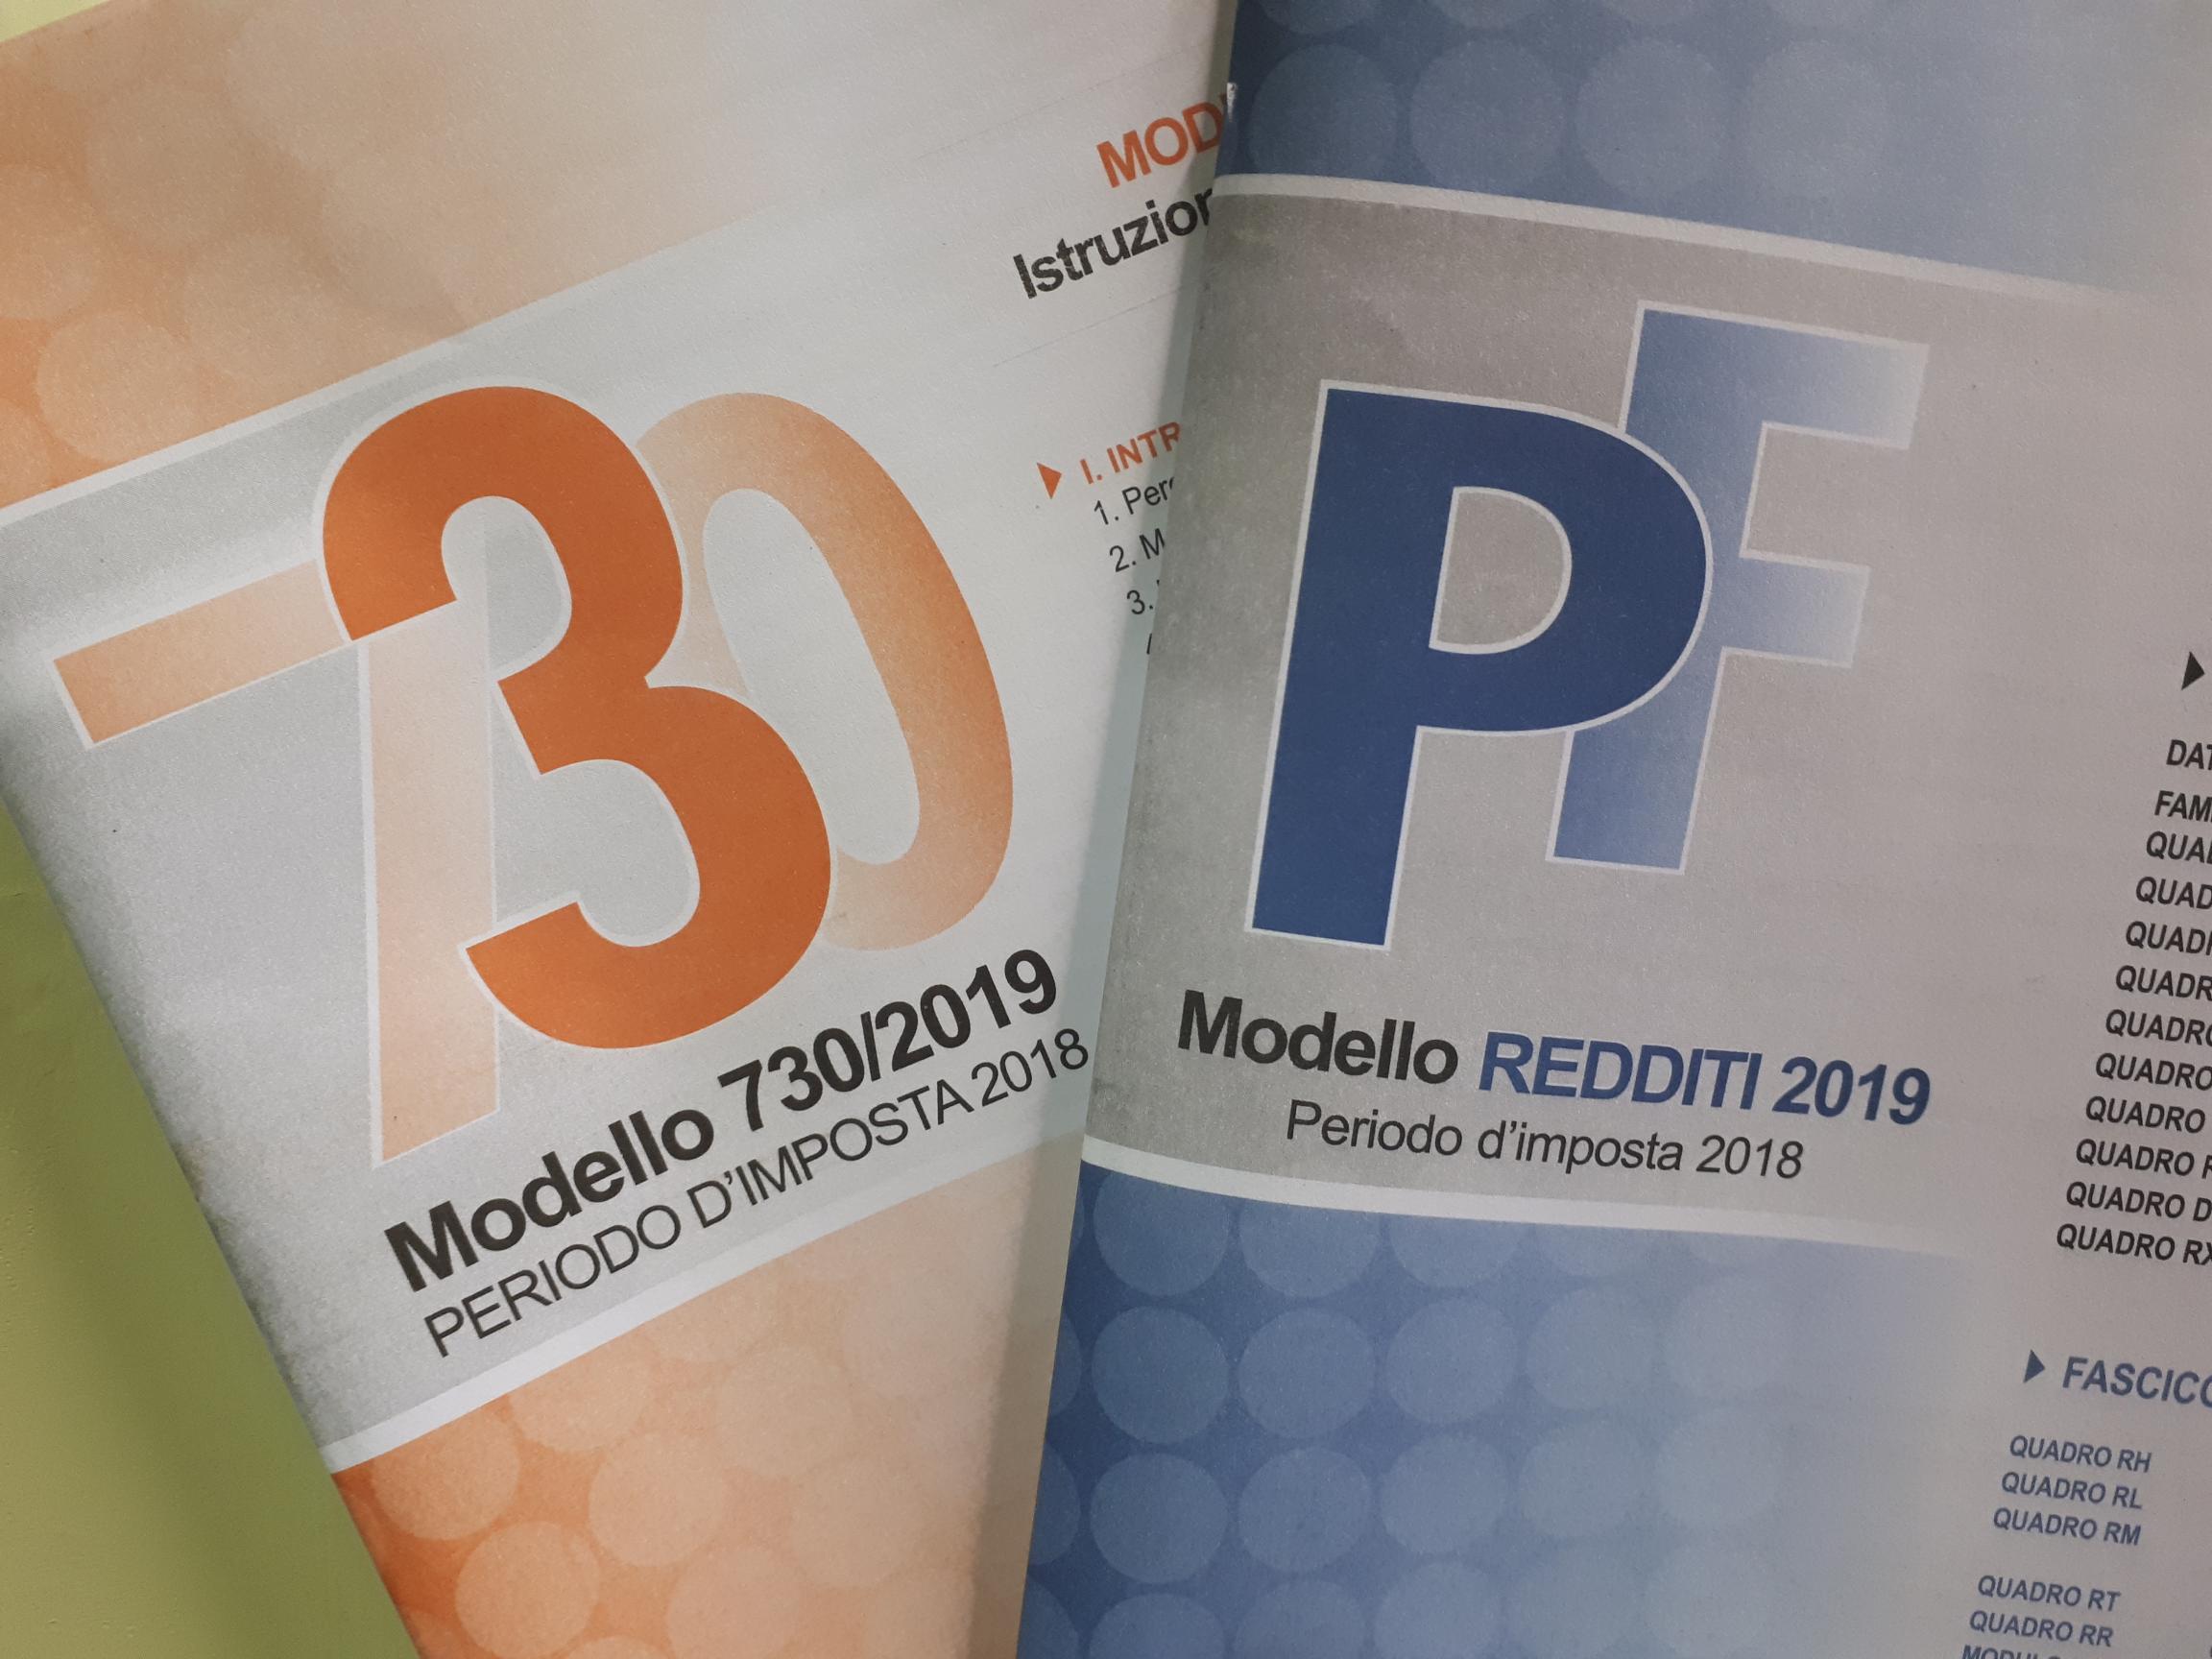 Disponibili Modelli 730/2019 e PF 2019